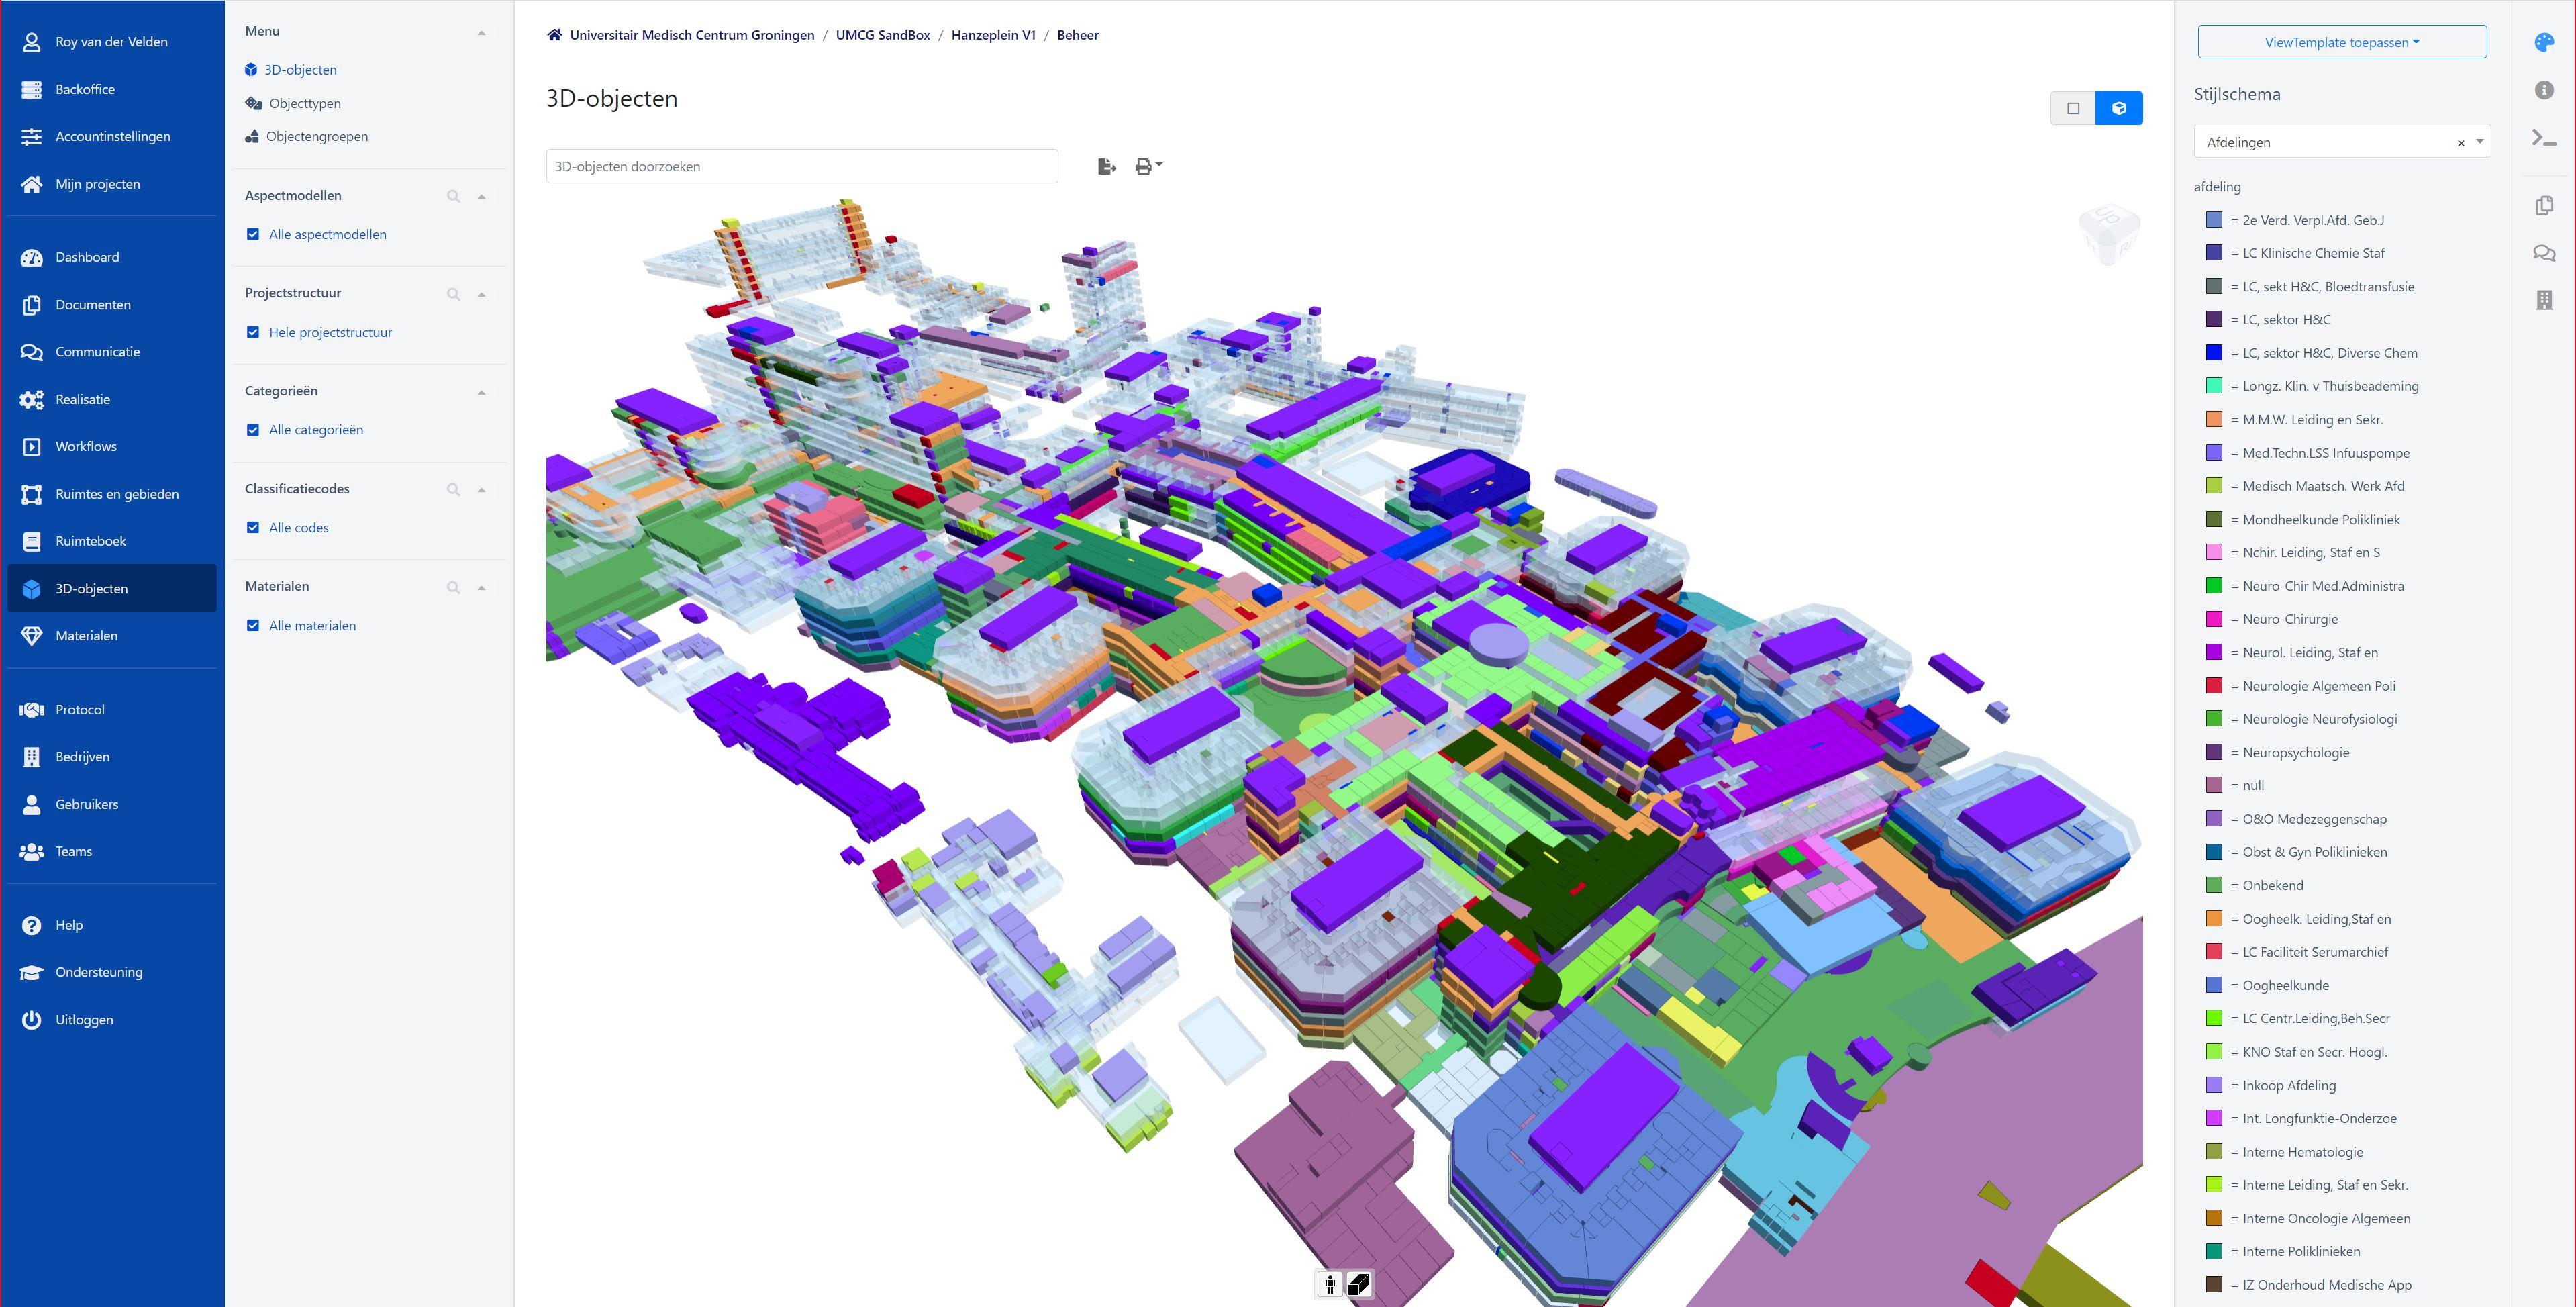 UMCG maakt gebouwbeheer toekomstbestendig met BIMlink